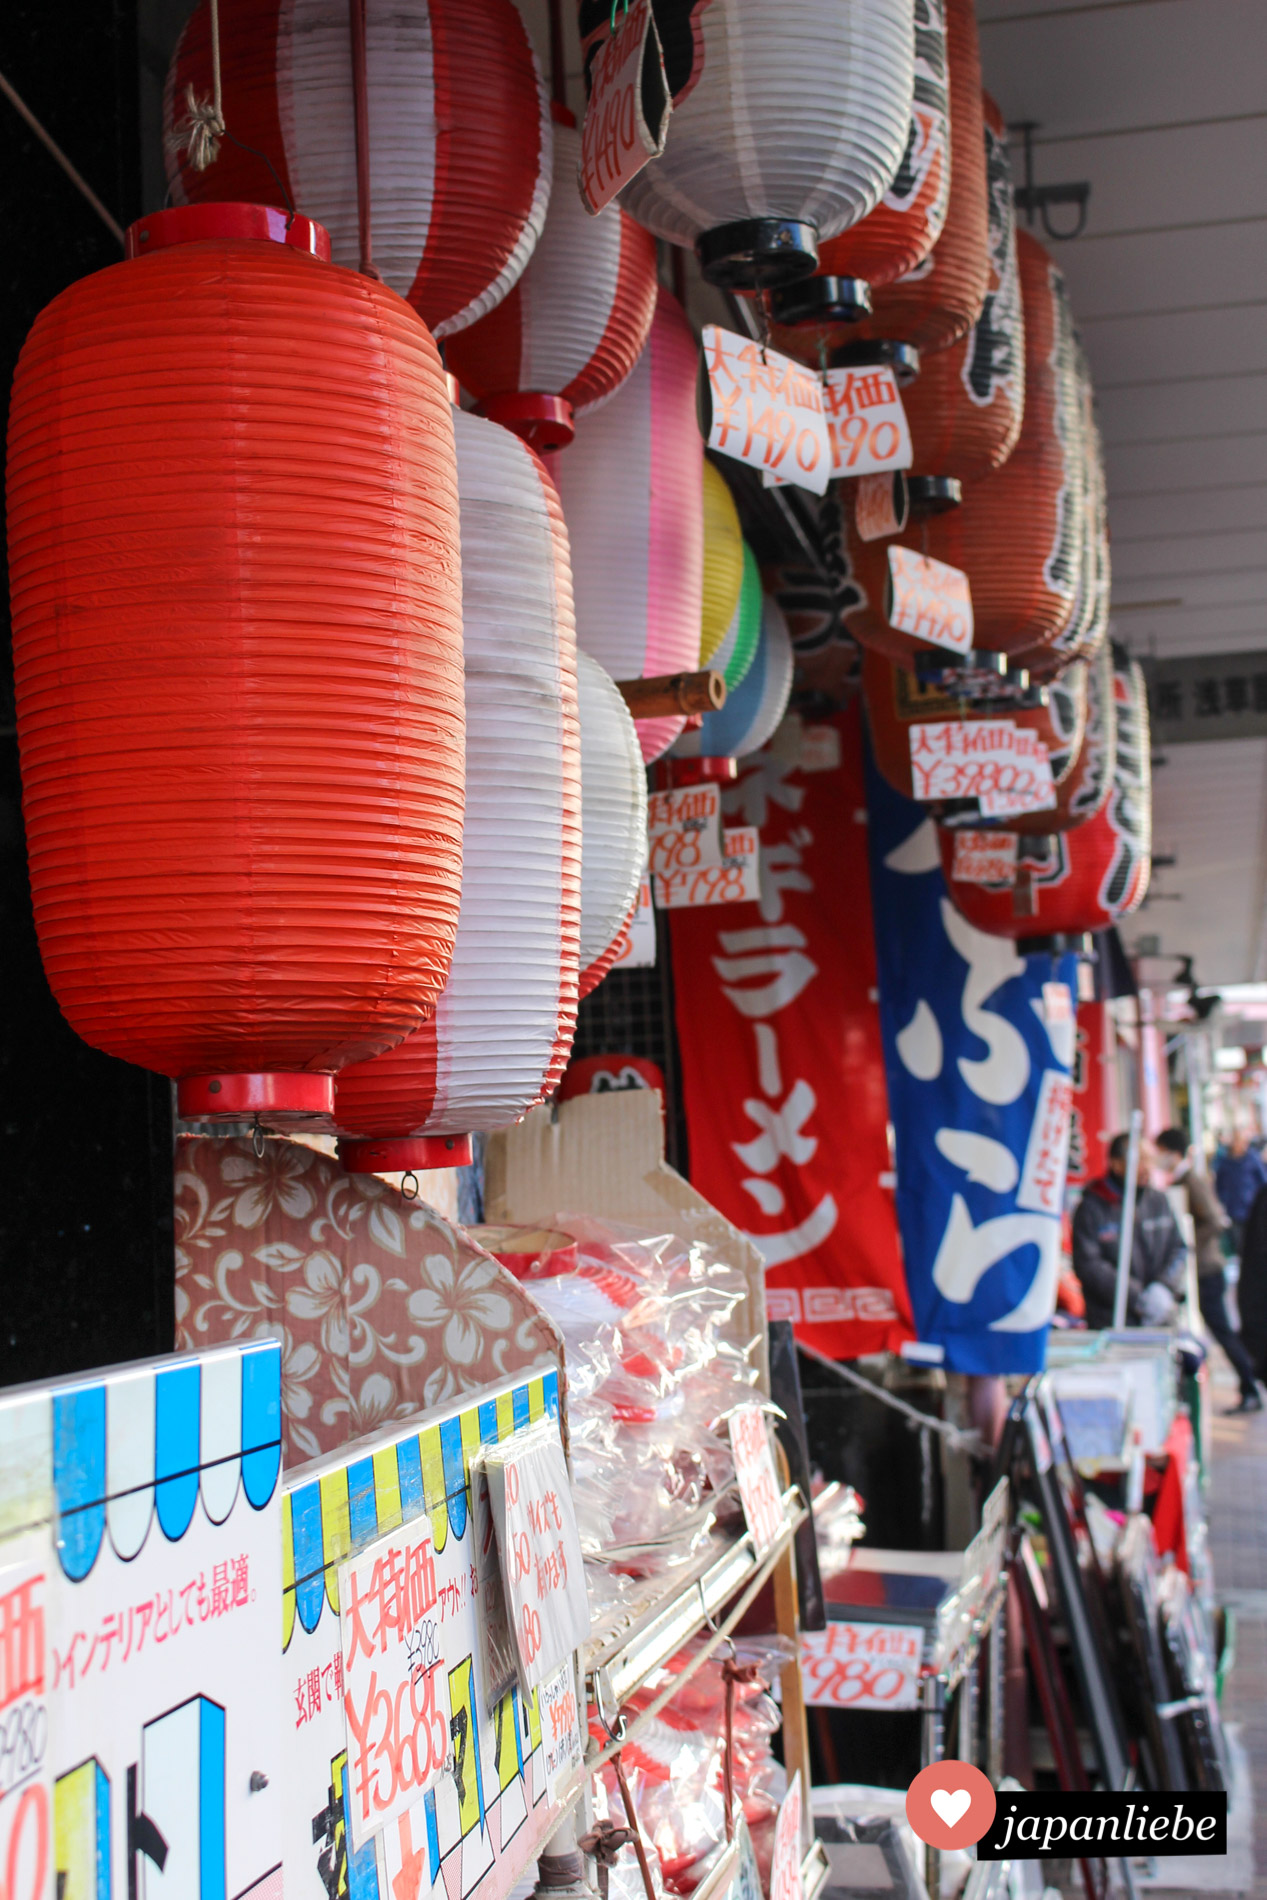 Papierlaternen und Flaggen sind ein tolles Mitbringsel aus Japan.